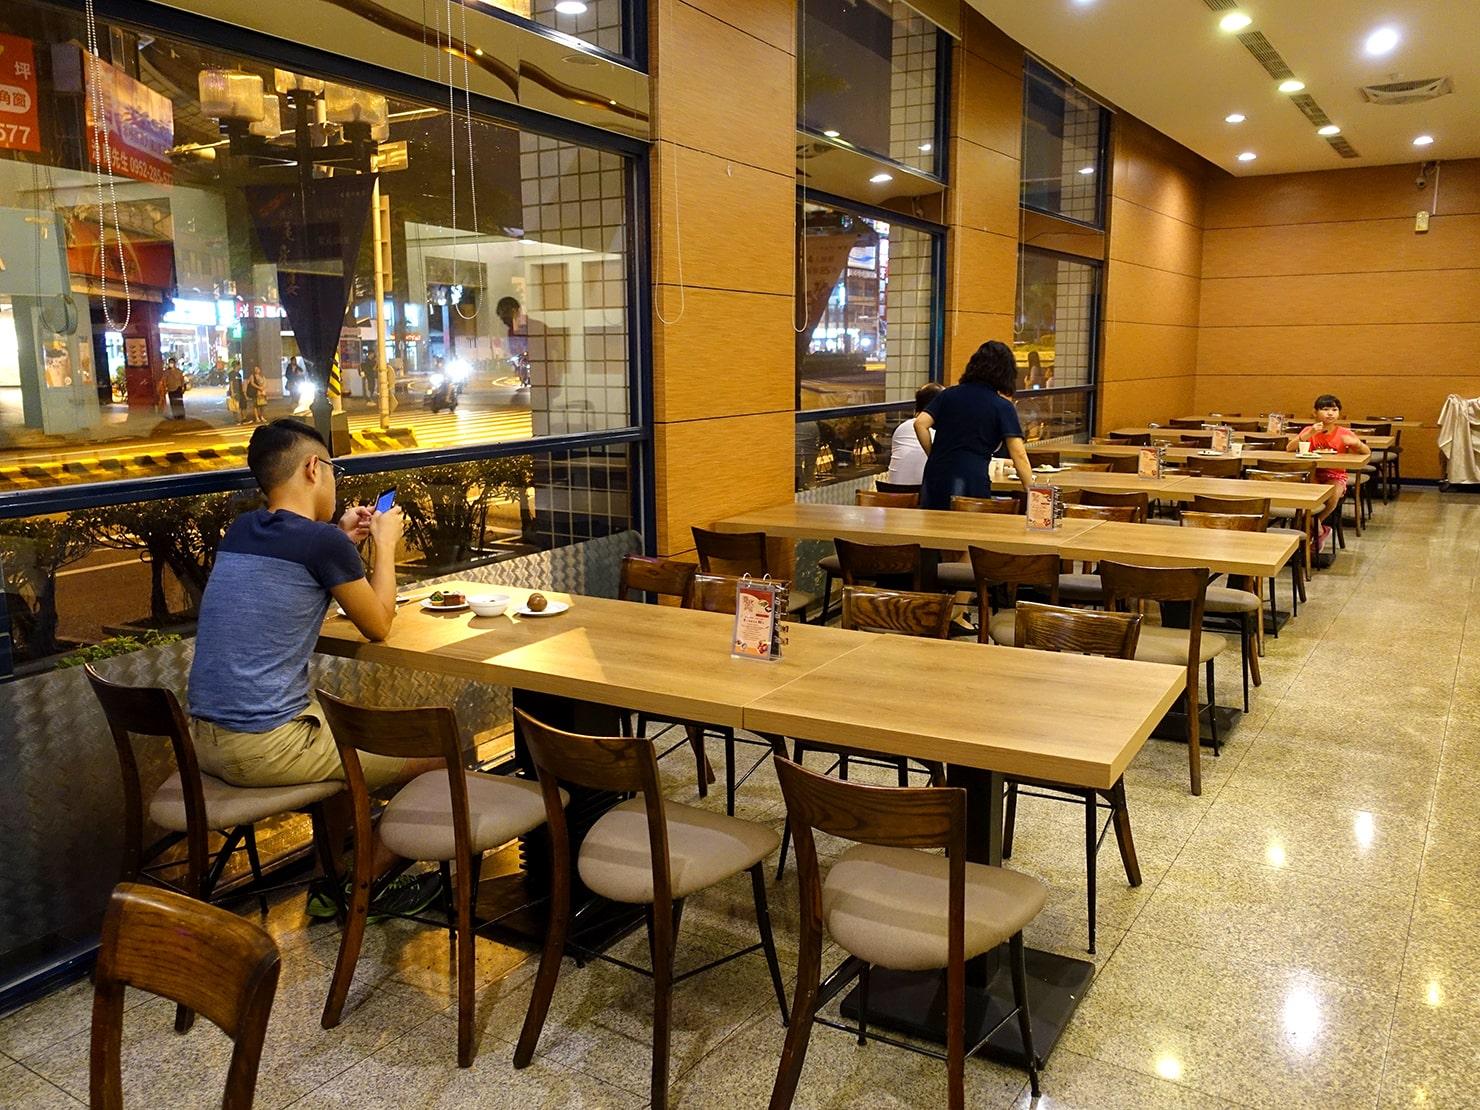 台南駅が目の前の老舗ホテル「台南大飯店 Hotel Tainan」の翡翠廳